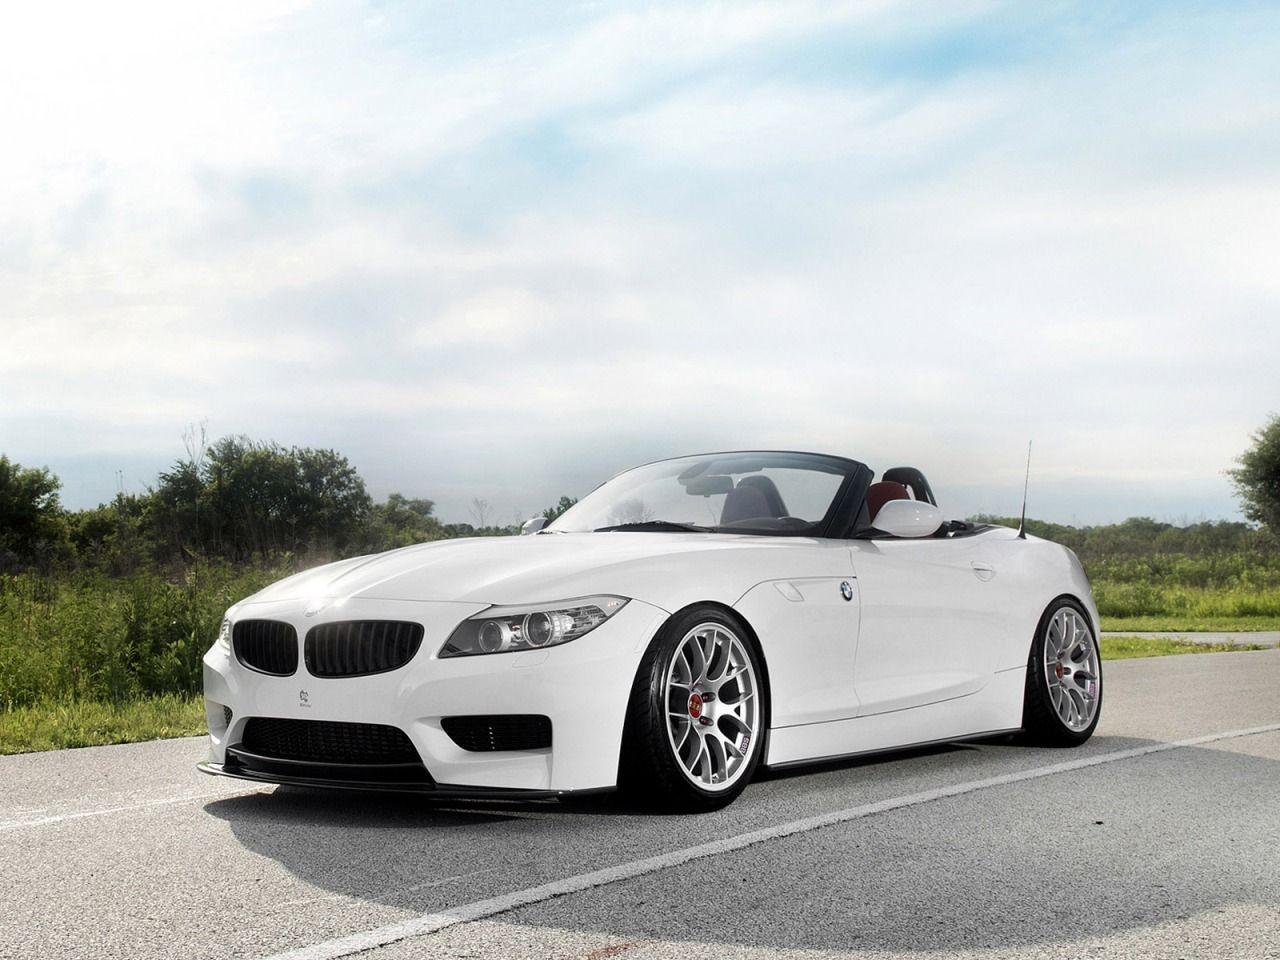 BMW E89 Z4 white | z4 | Bmw z4, Bmw z4 roadster, Bmw